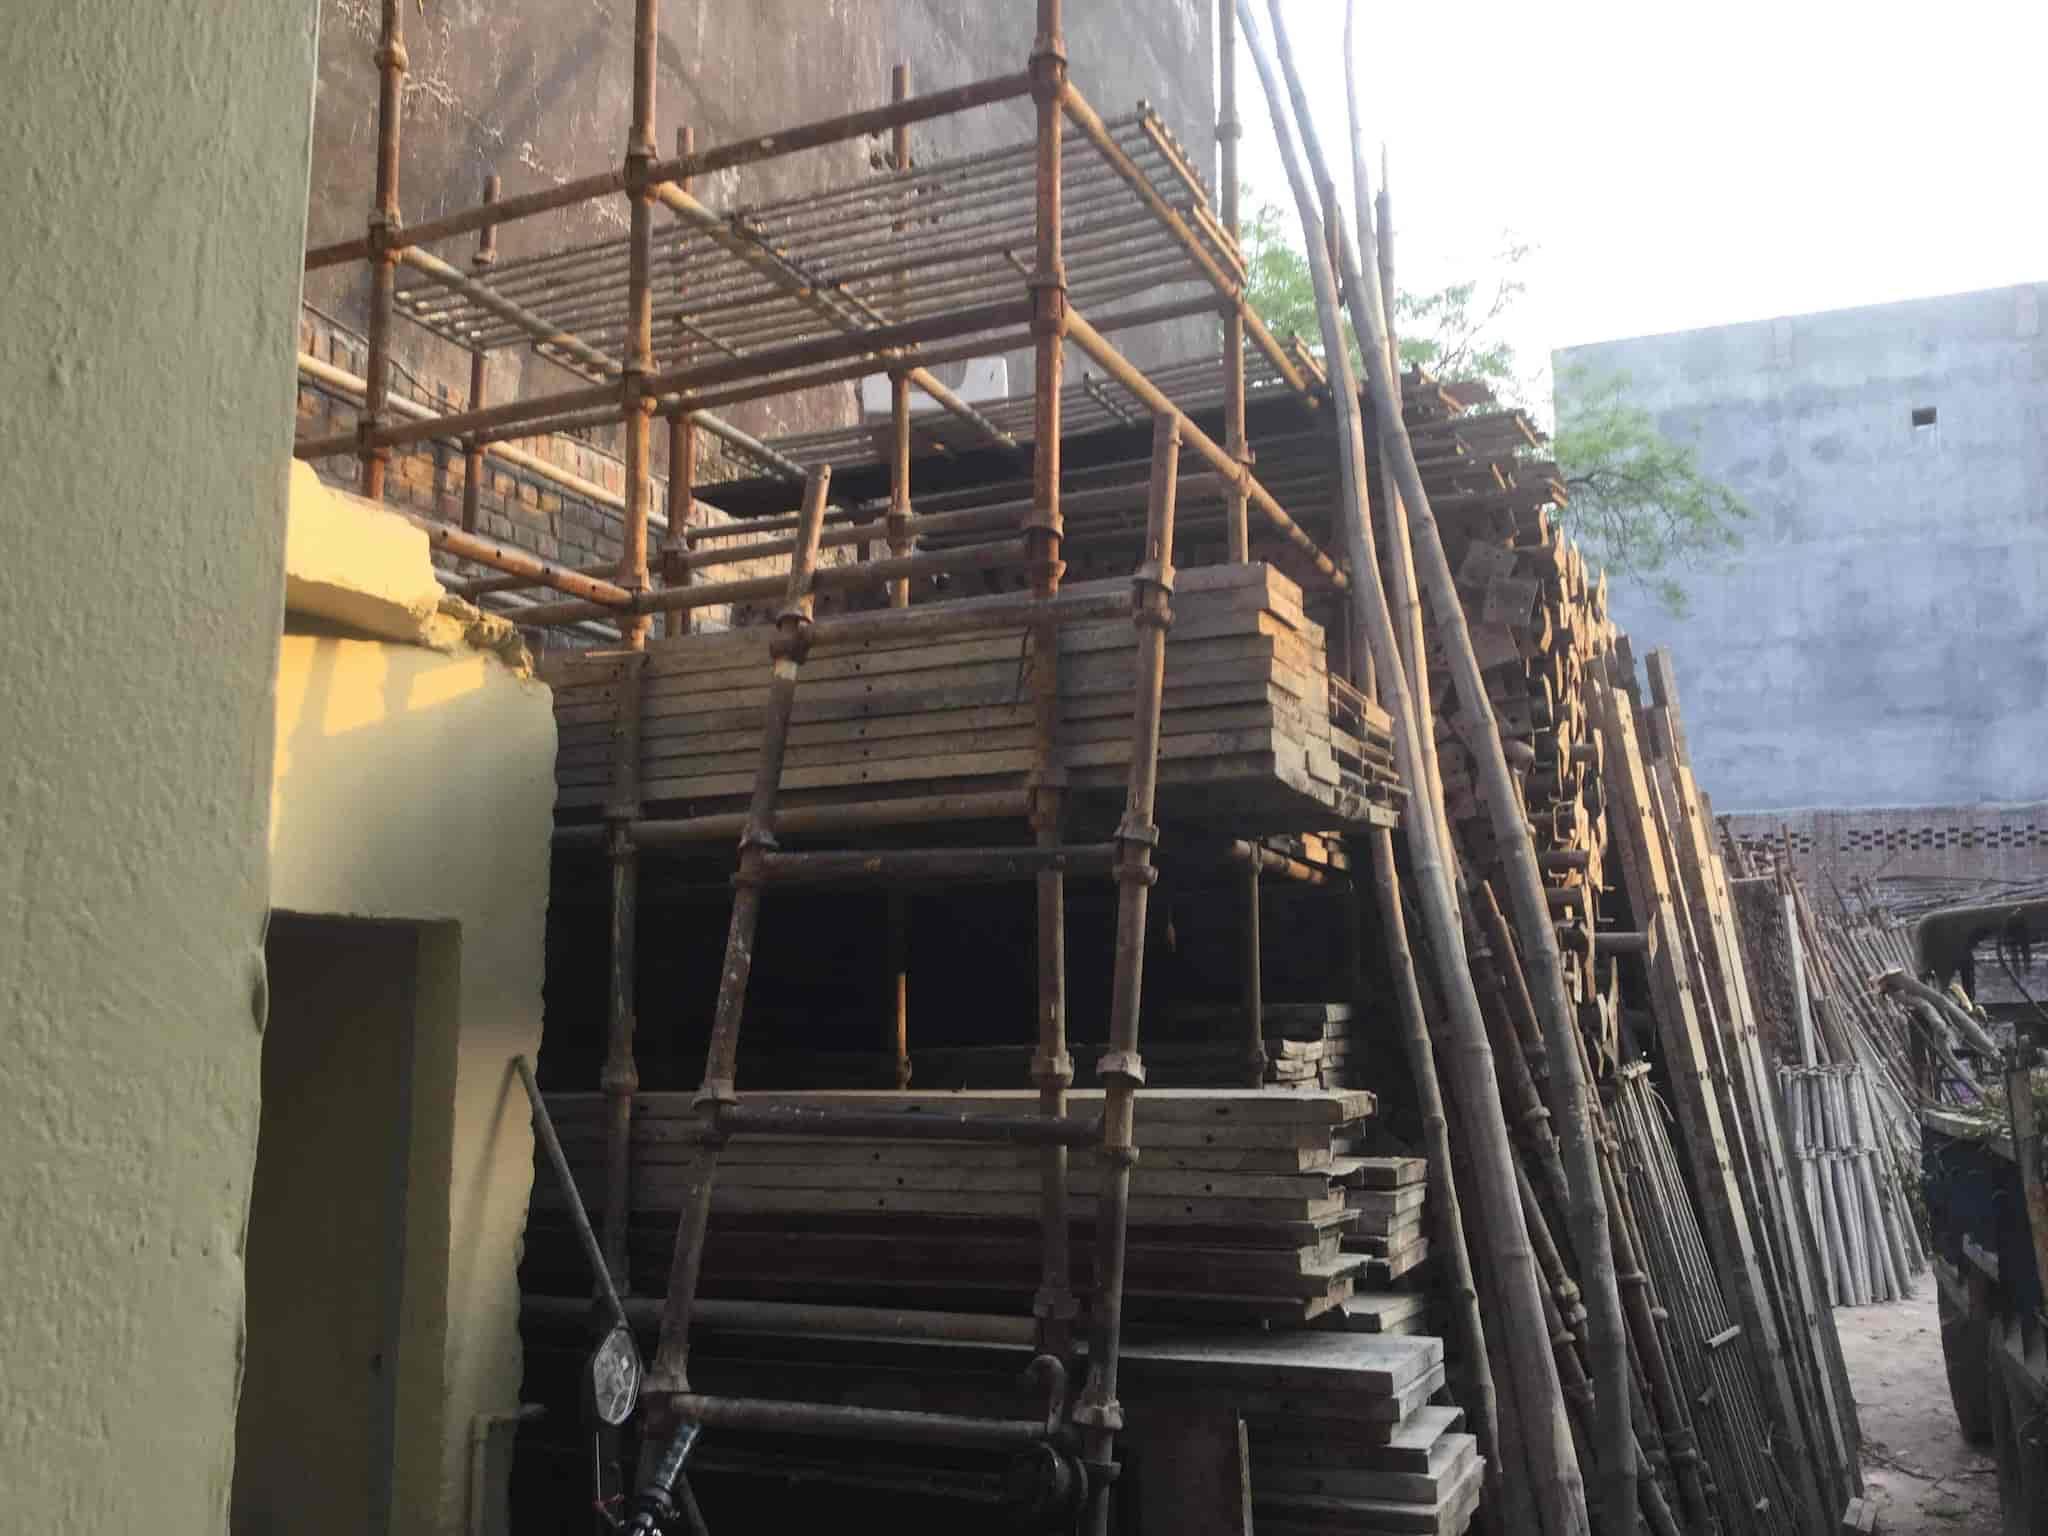 scaffolding project img chill holden portlaoise distribution glanbia interior description